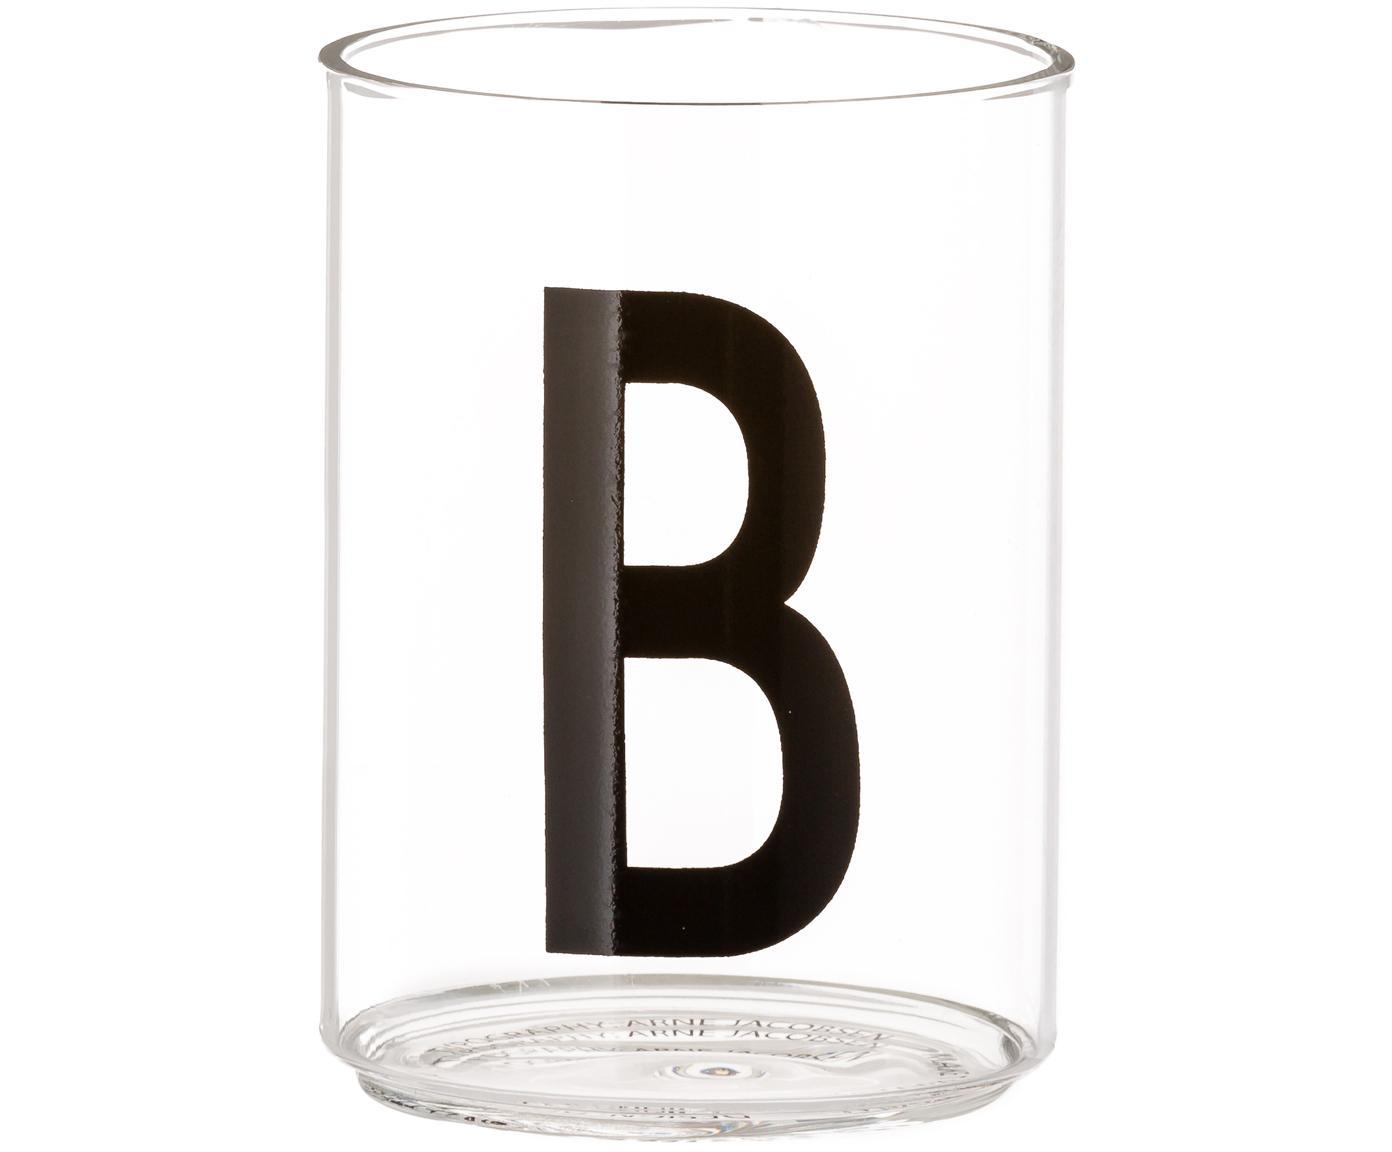 Bicchiere acqua in vetro Personal (varianti dalla A alla Z), Vetro borosilicato, Trasparente, nero, Bicchiere per l'acqua B